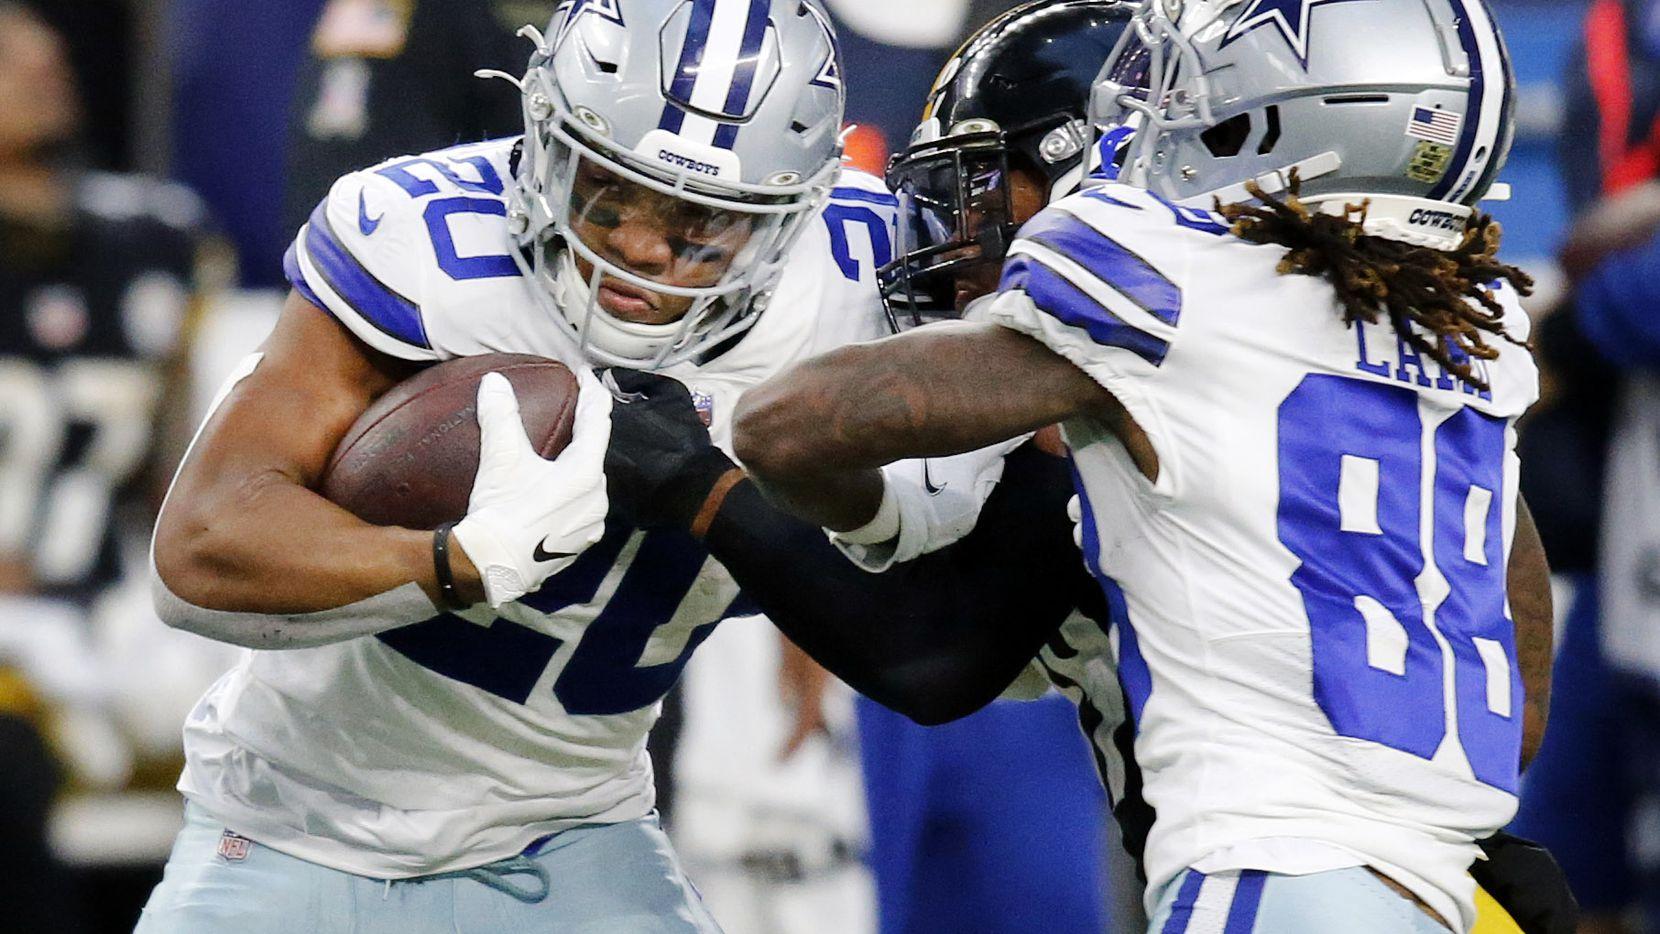 El corredor de los Dallas Cowboys, Tony Pollard (izq), acarrea el balón en el juego contra los Pittsburgh Steelers, el 8 de noviembre de 2020 en el AT&T Stadium de Arlington.